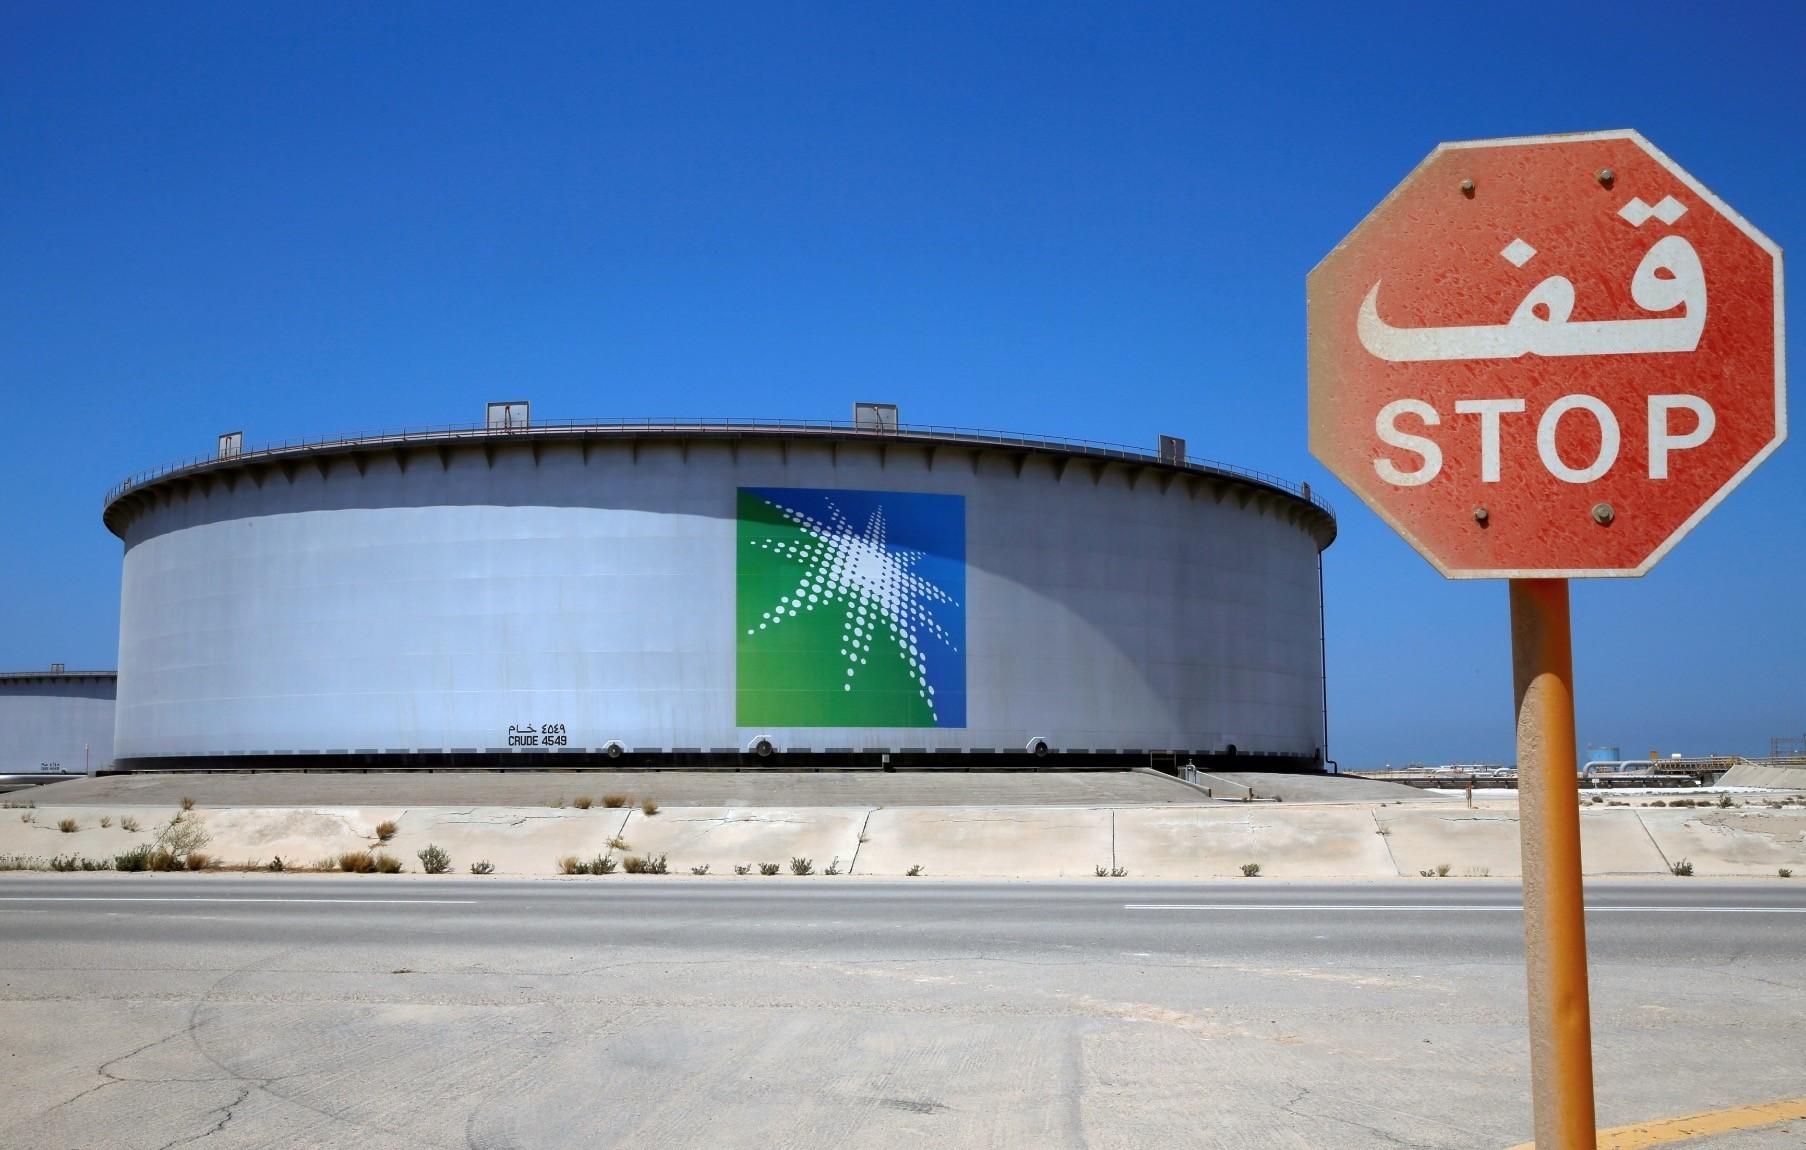 An Aramco tank is seen at Saudi Aramcou2019s Ras Tanura oil refinery and oil terminal in Saudi Arabia.